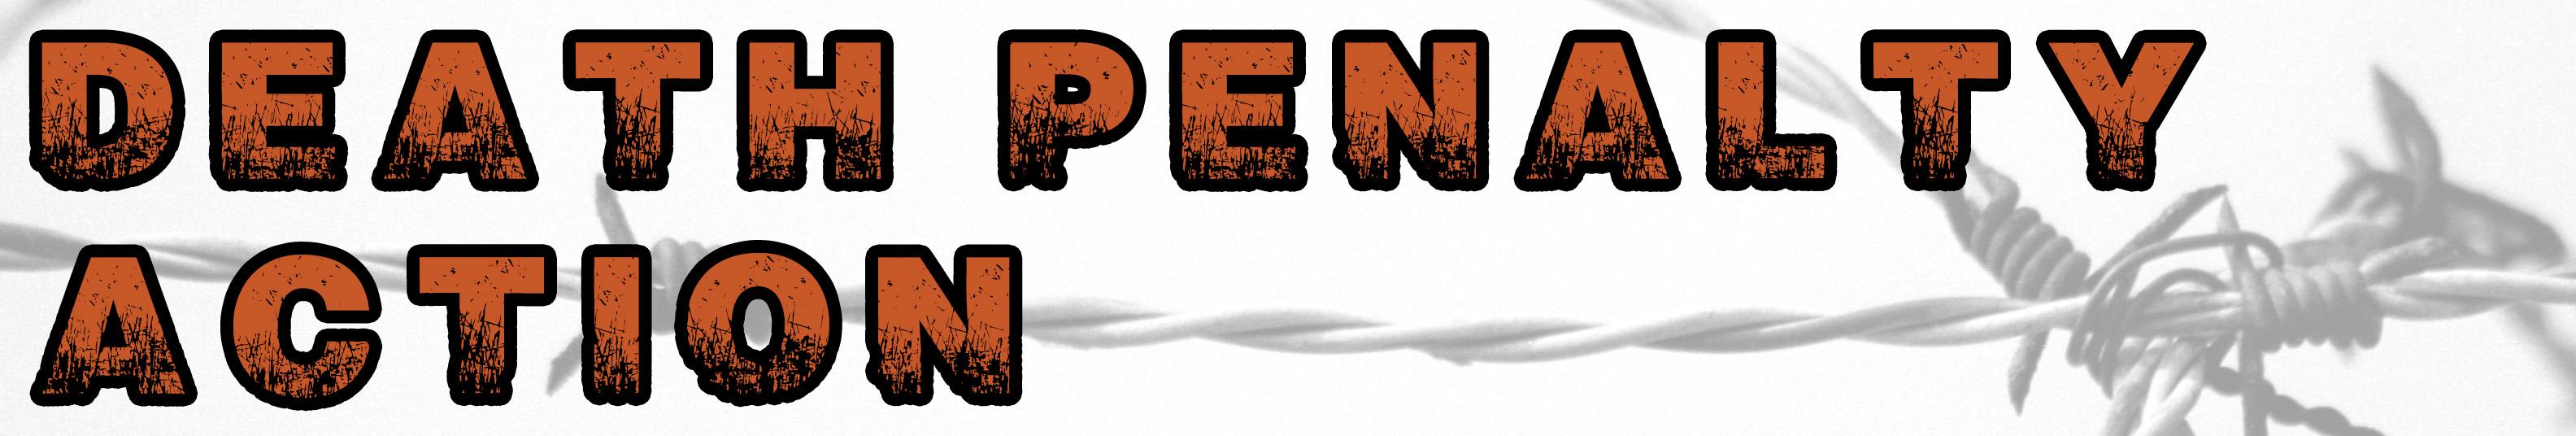 Open-uri20190629-705-11dzhv6